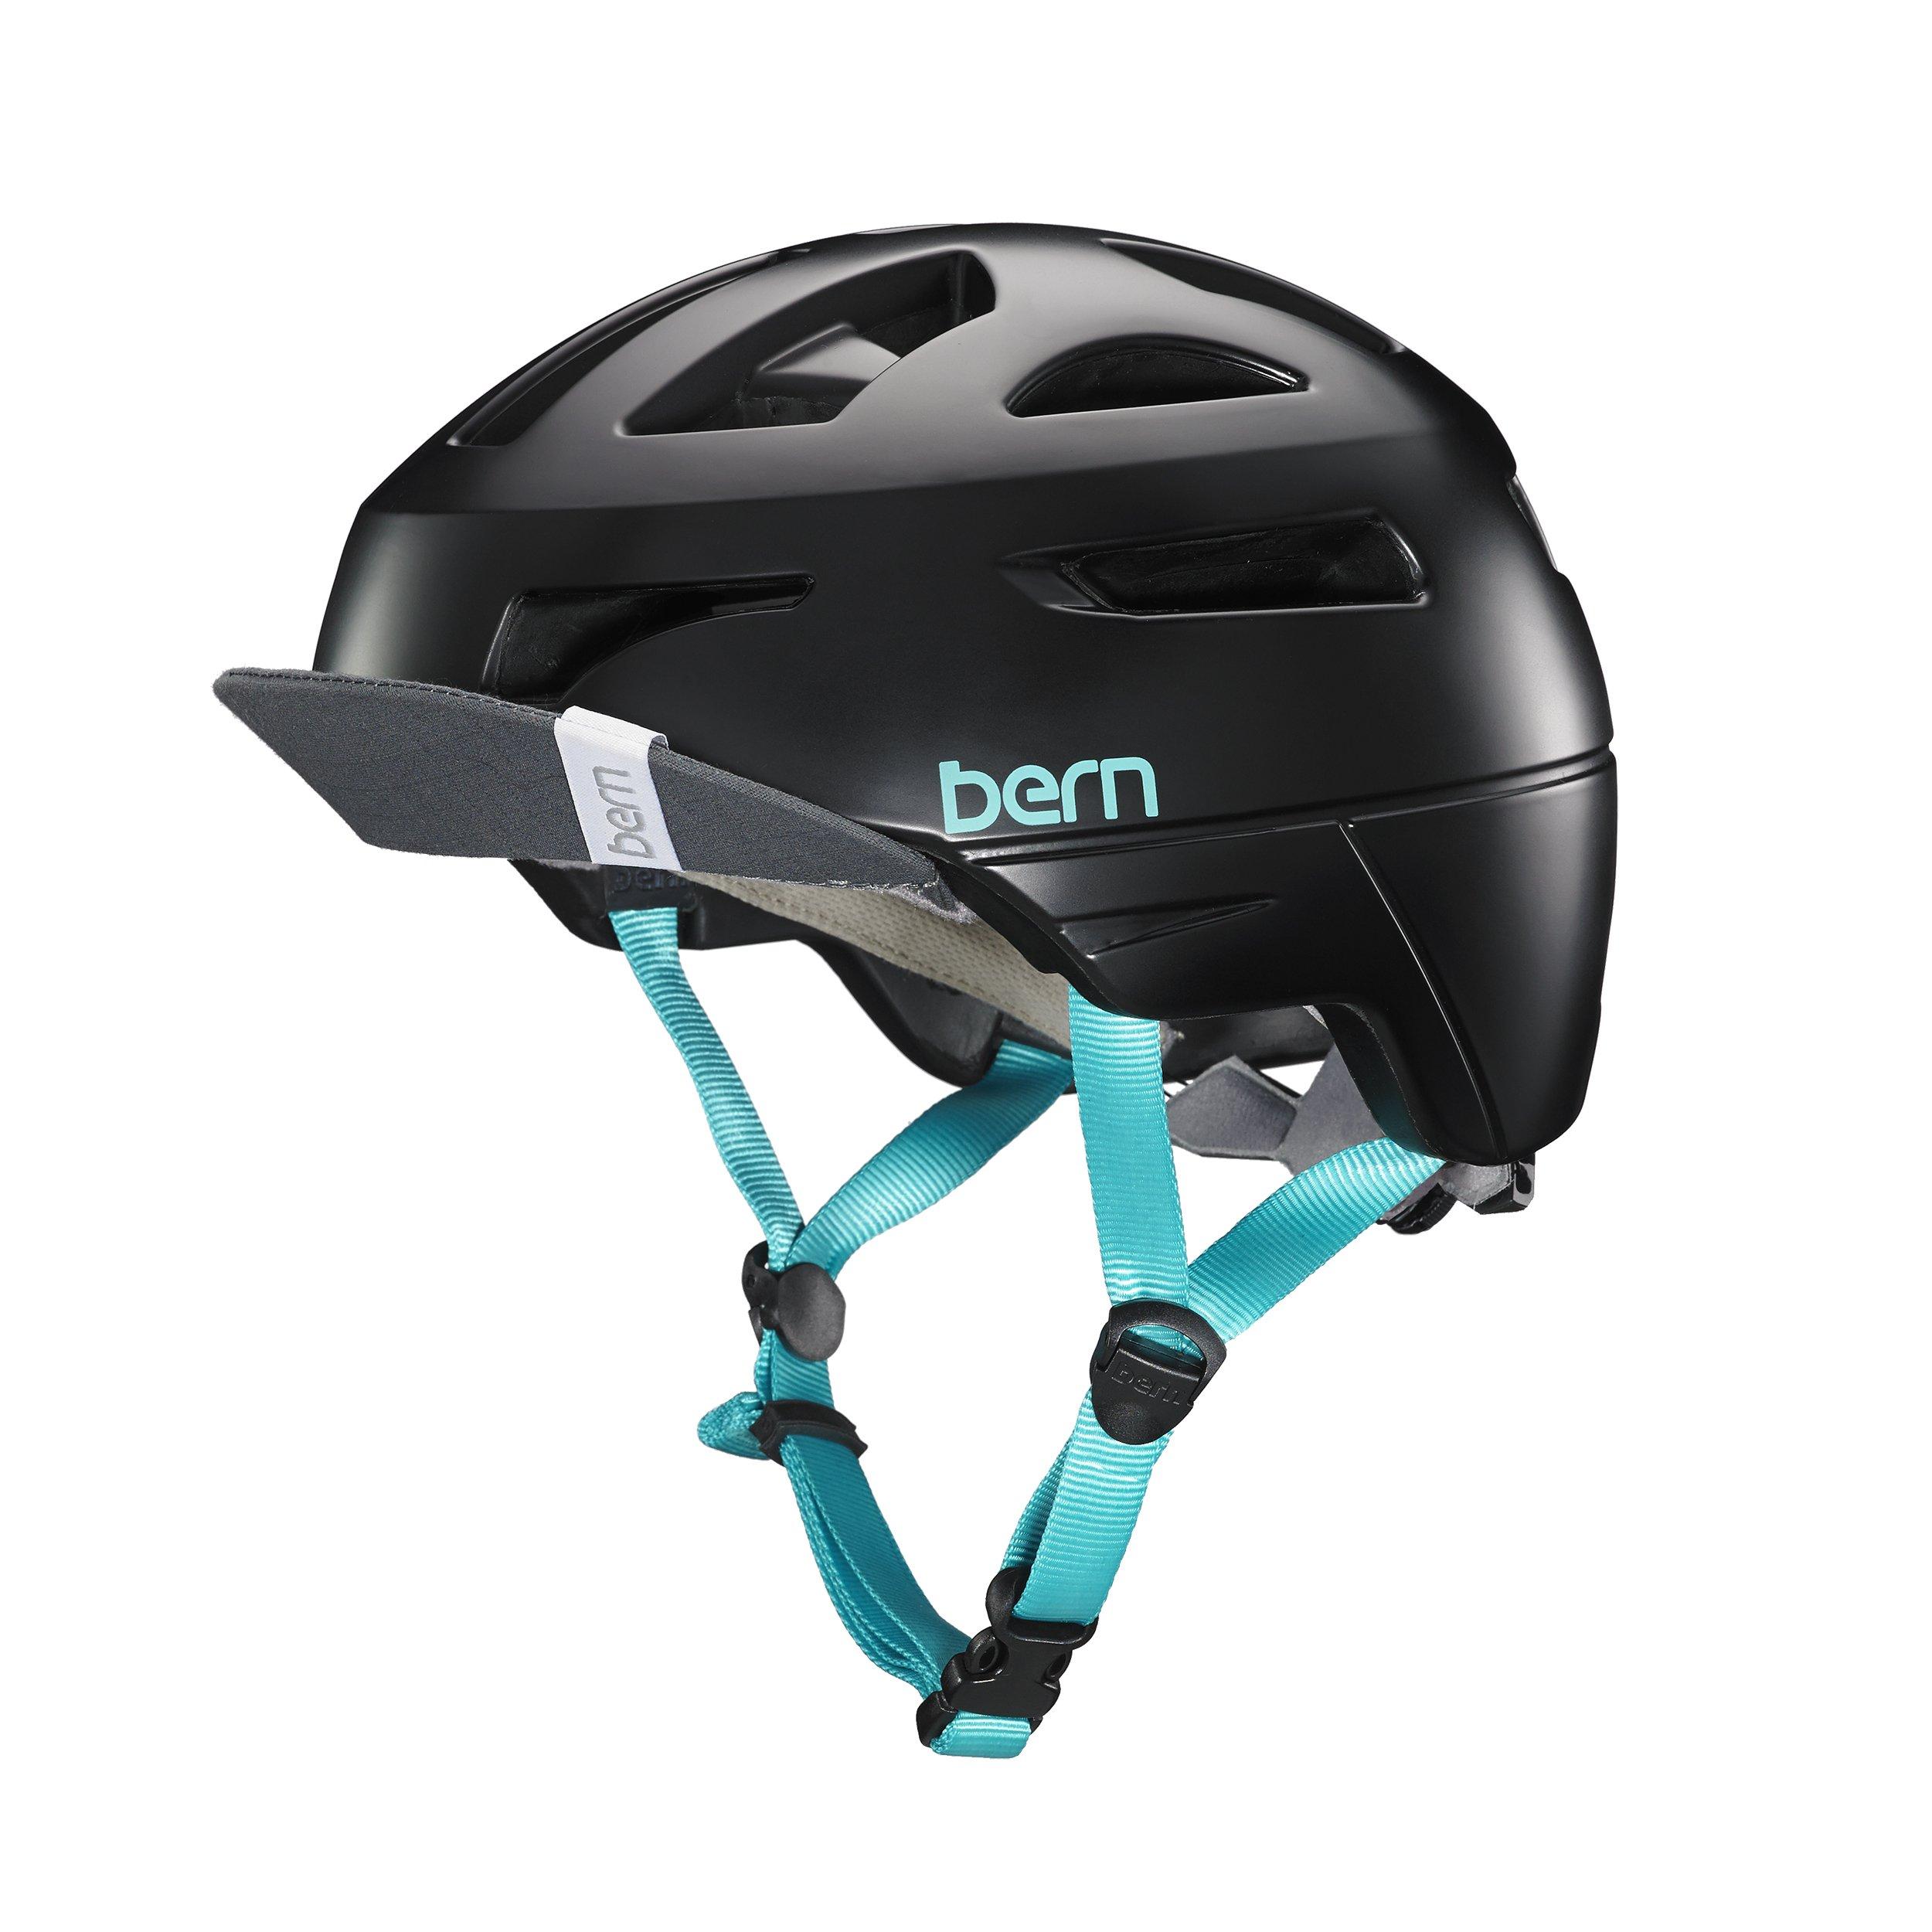 Bern Women's Parker MIPS Helmet w/ Flip Visor Satin Black S & Sweatband Bundle by Bern